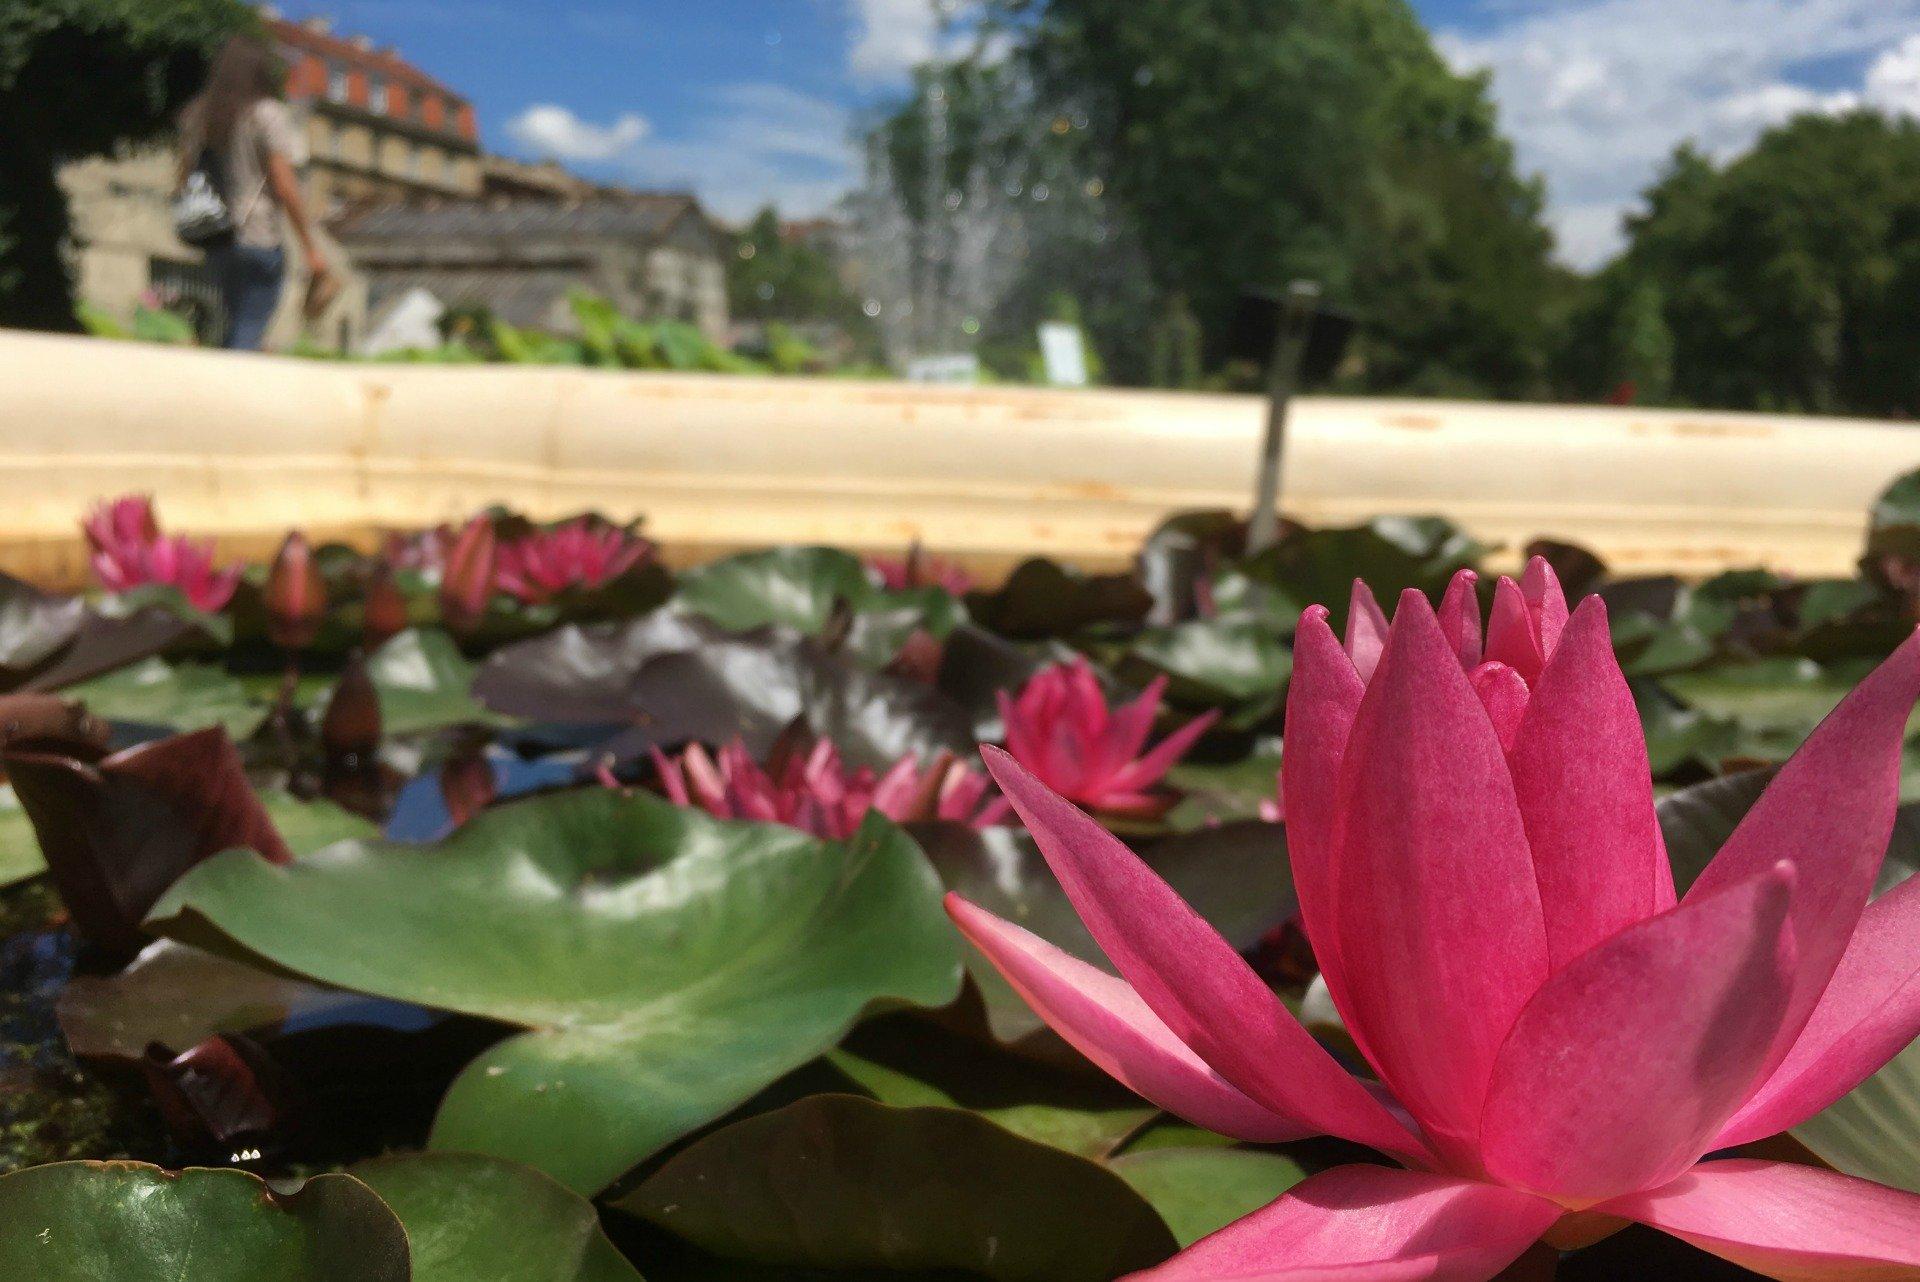 Zagreb botanic gardens